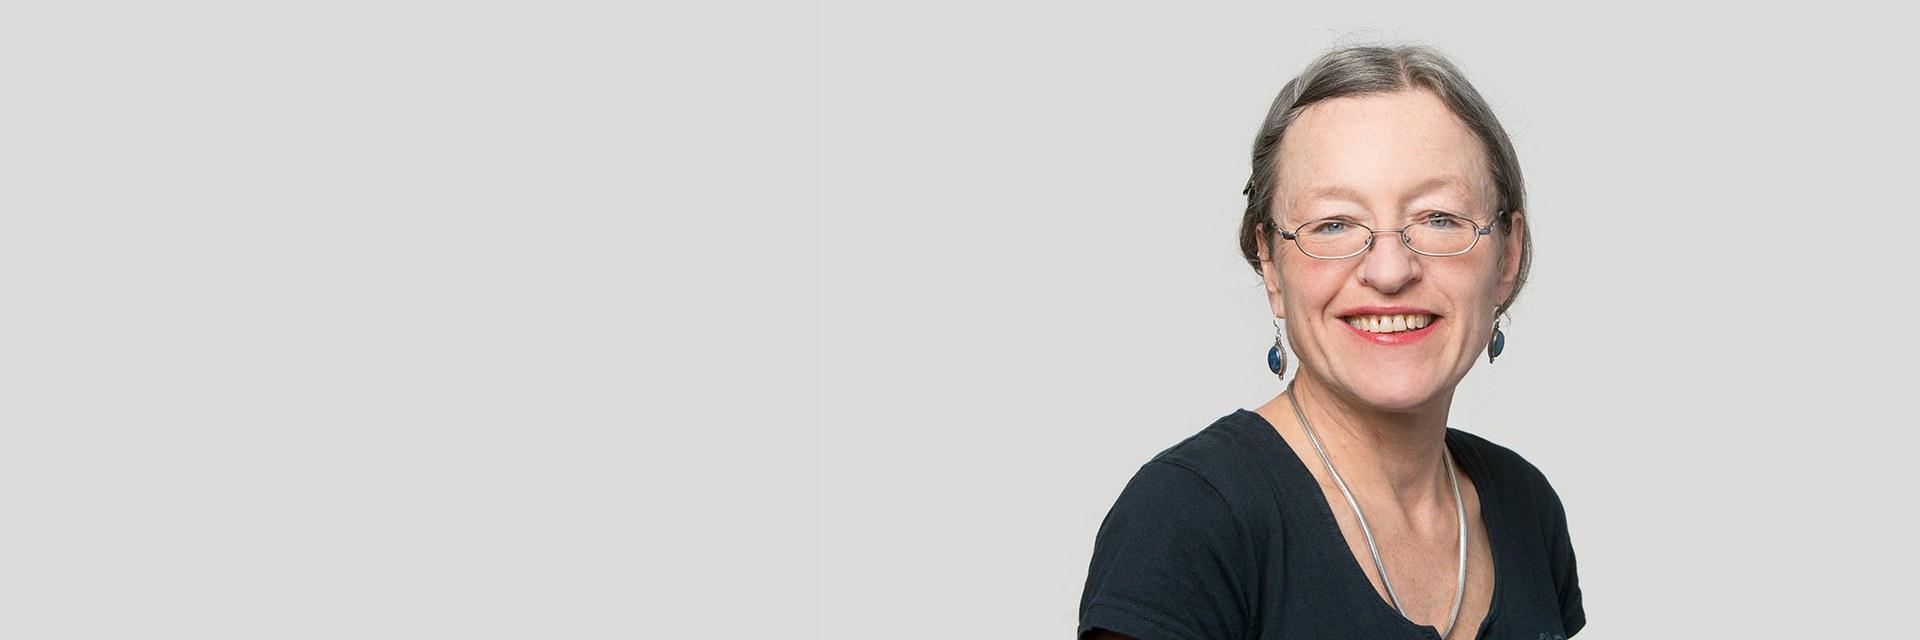 Prof. Regula Dällenbach Bechtel